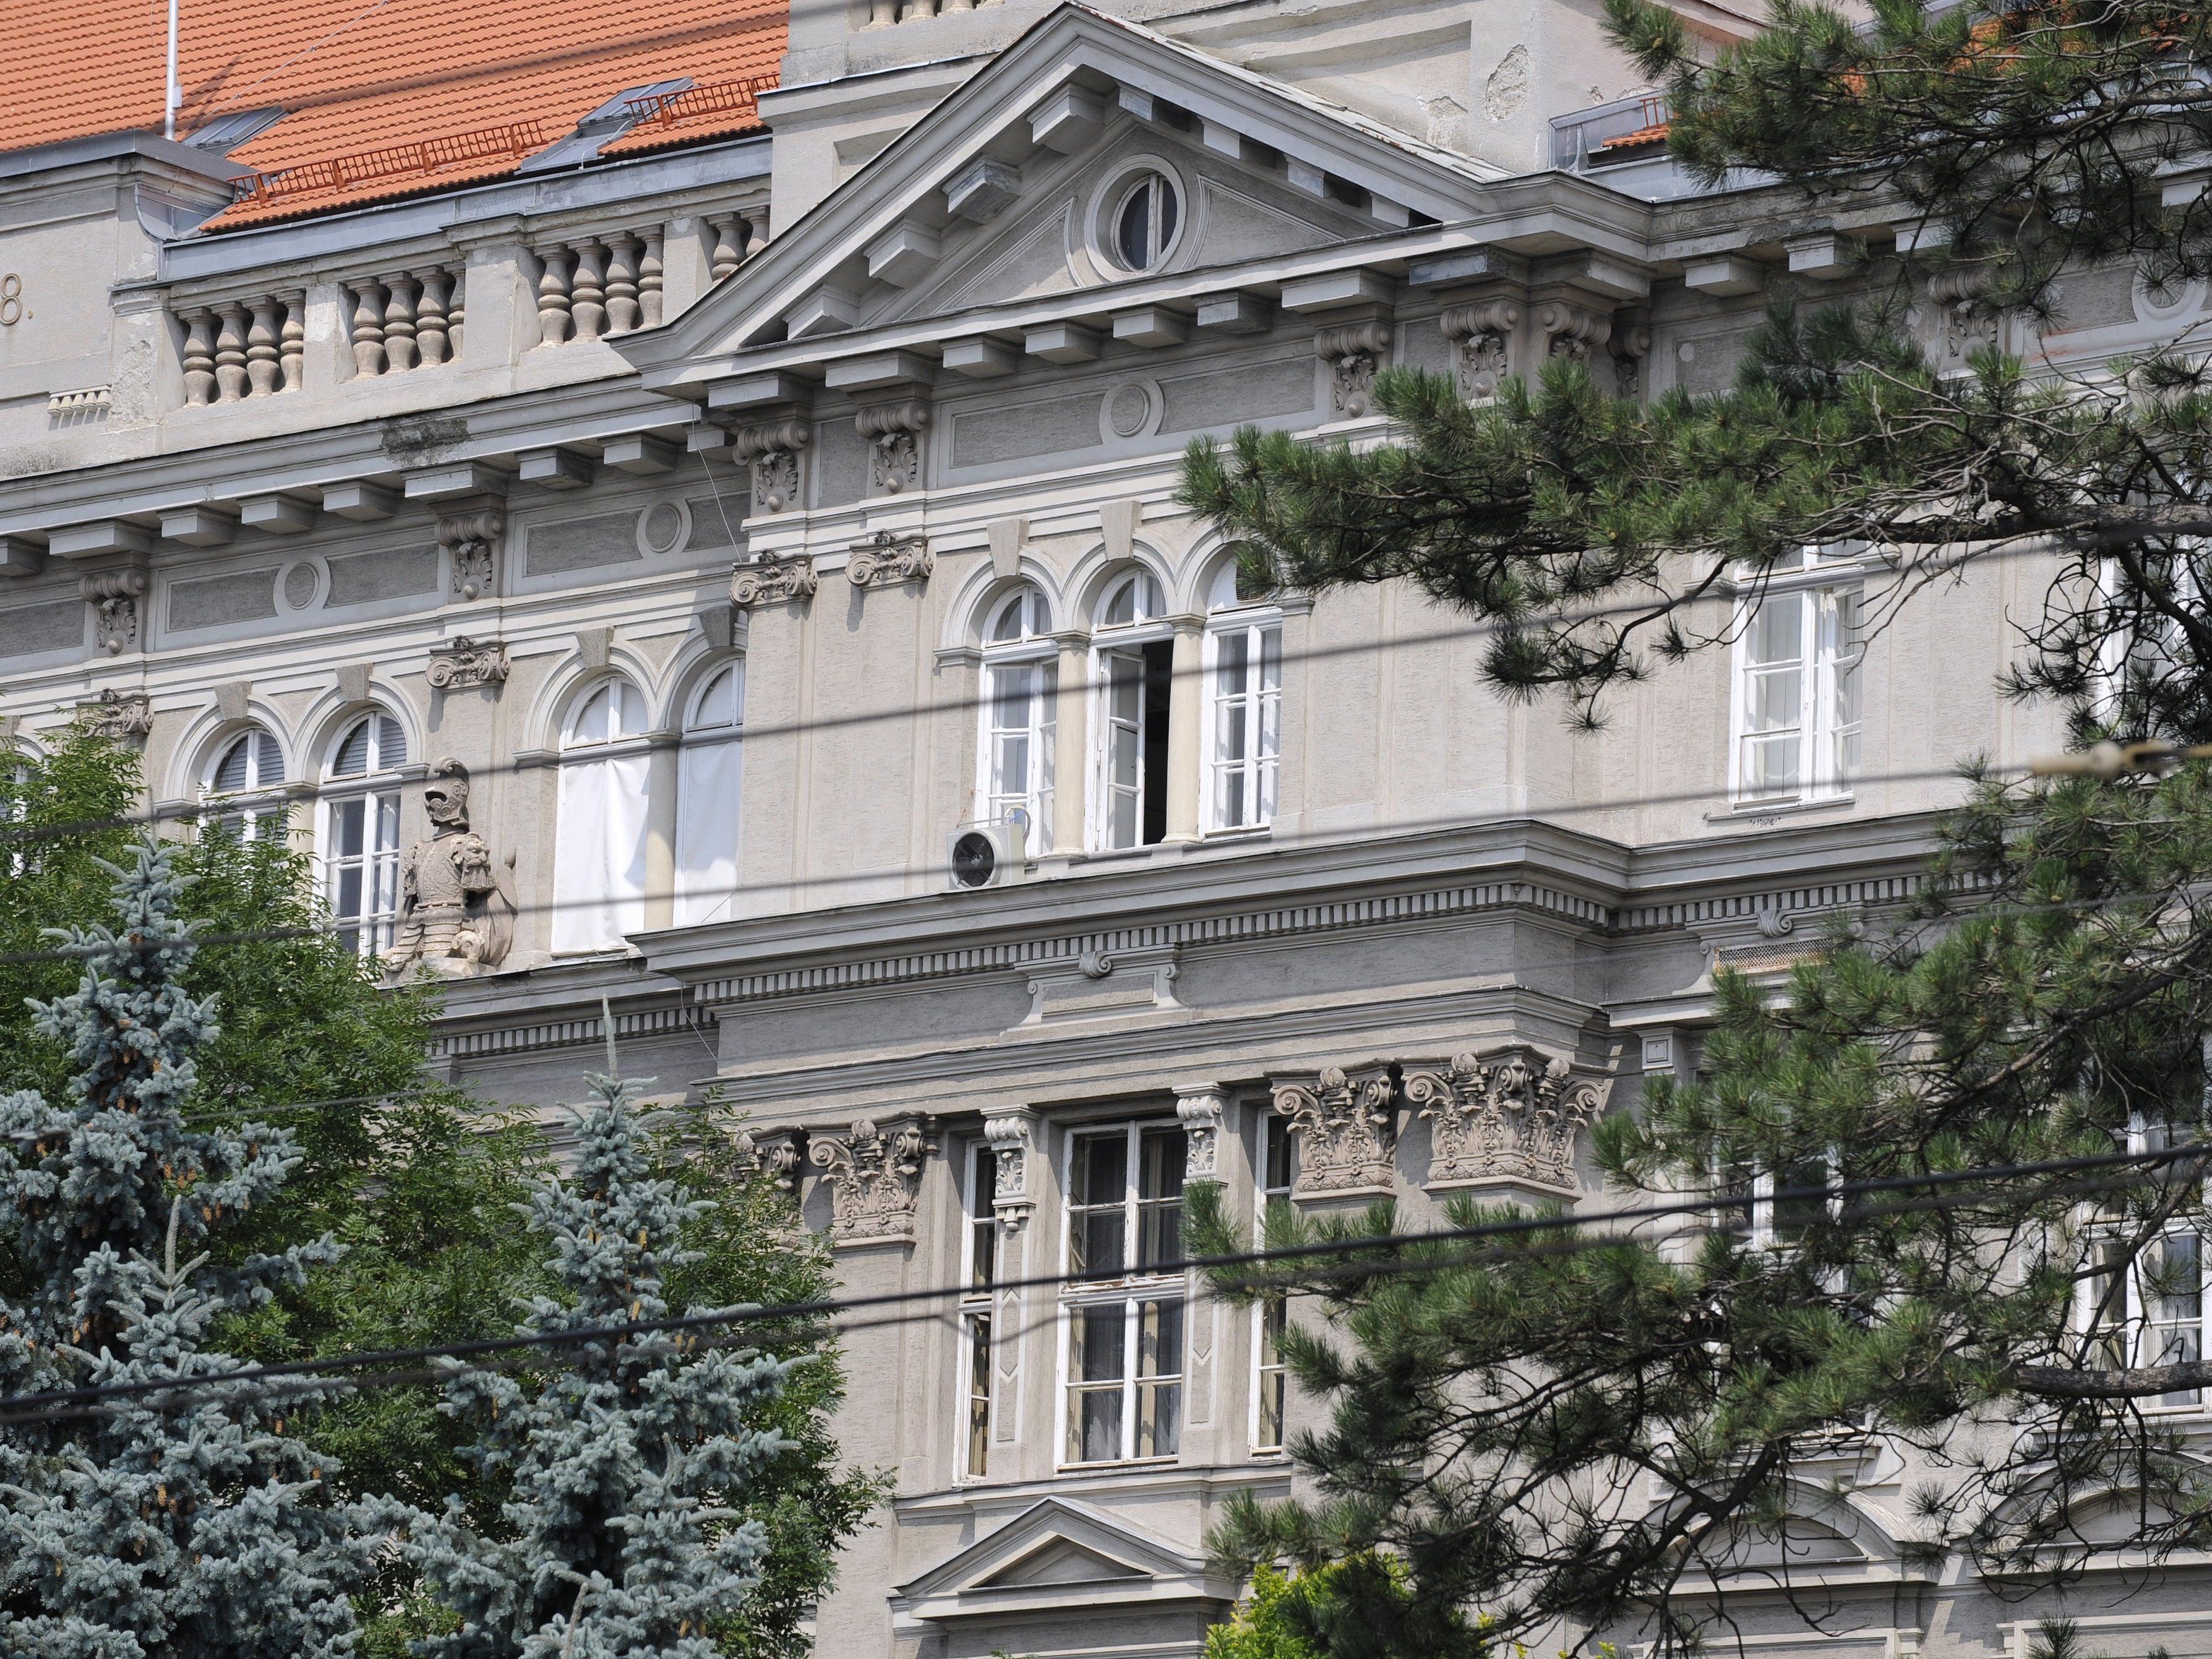 Ein Teilareal der General-Körner-Kaserne wurde verkauft. Hier sollen Wohnungen entstehen.